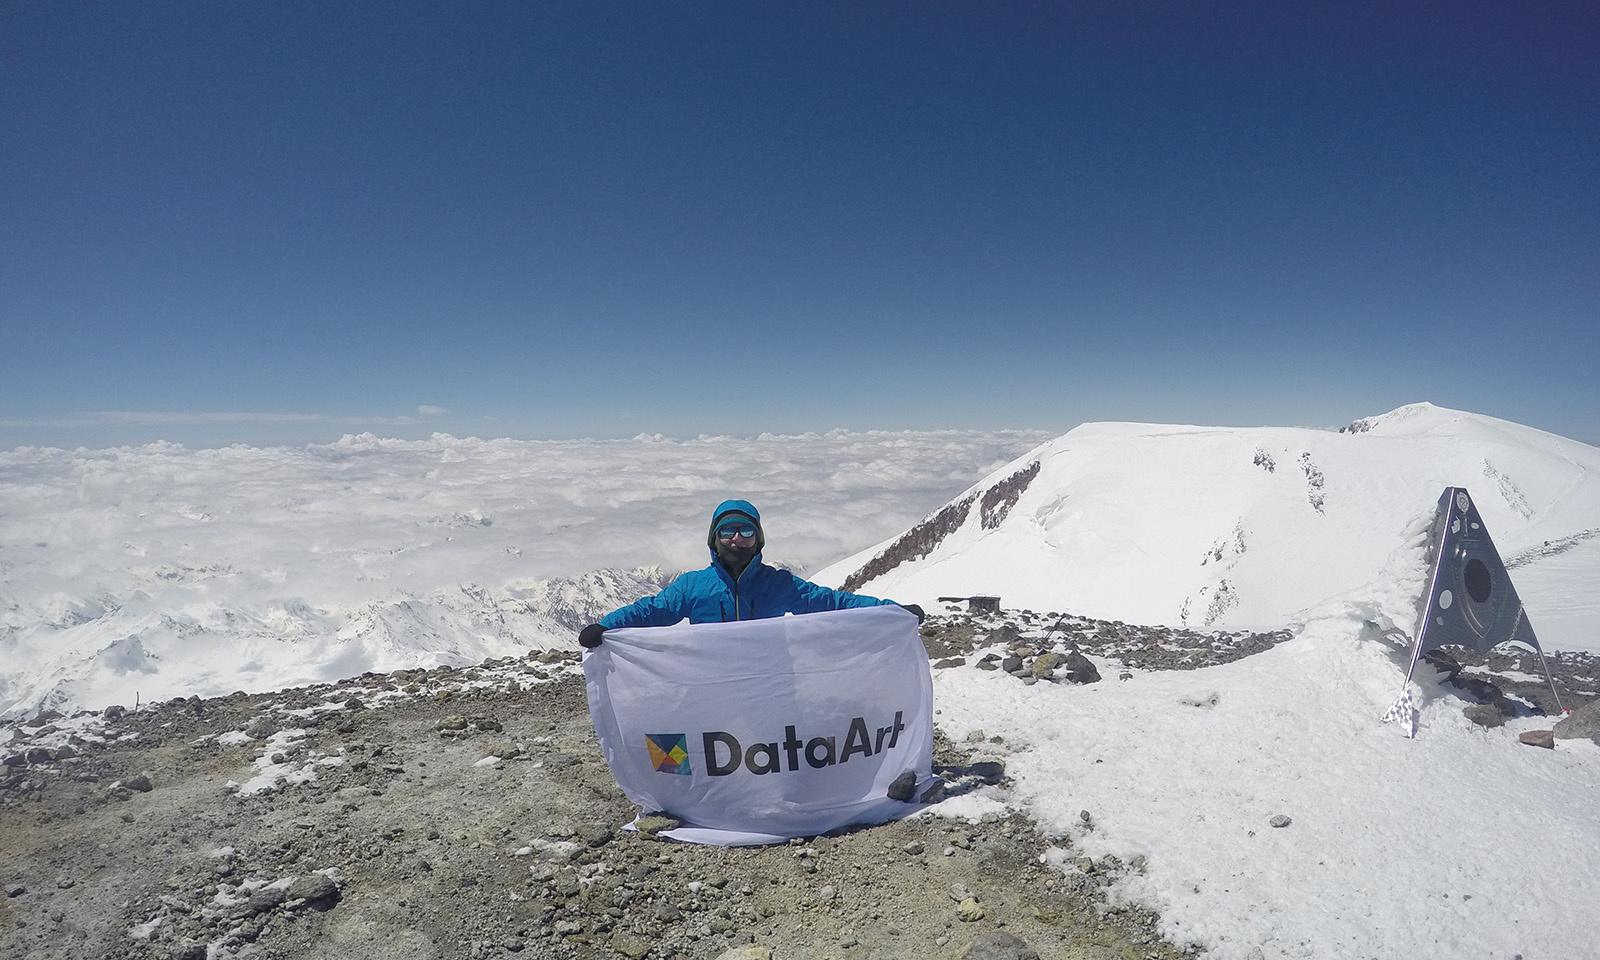 Флаг DataArt над Эльбрусом - 1